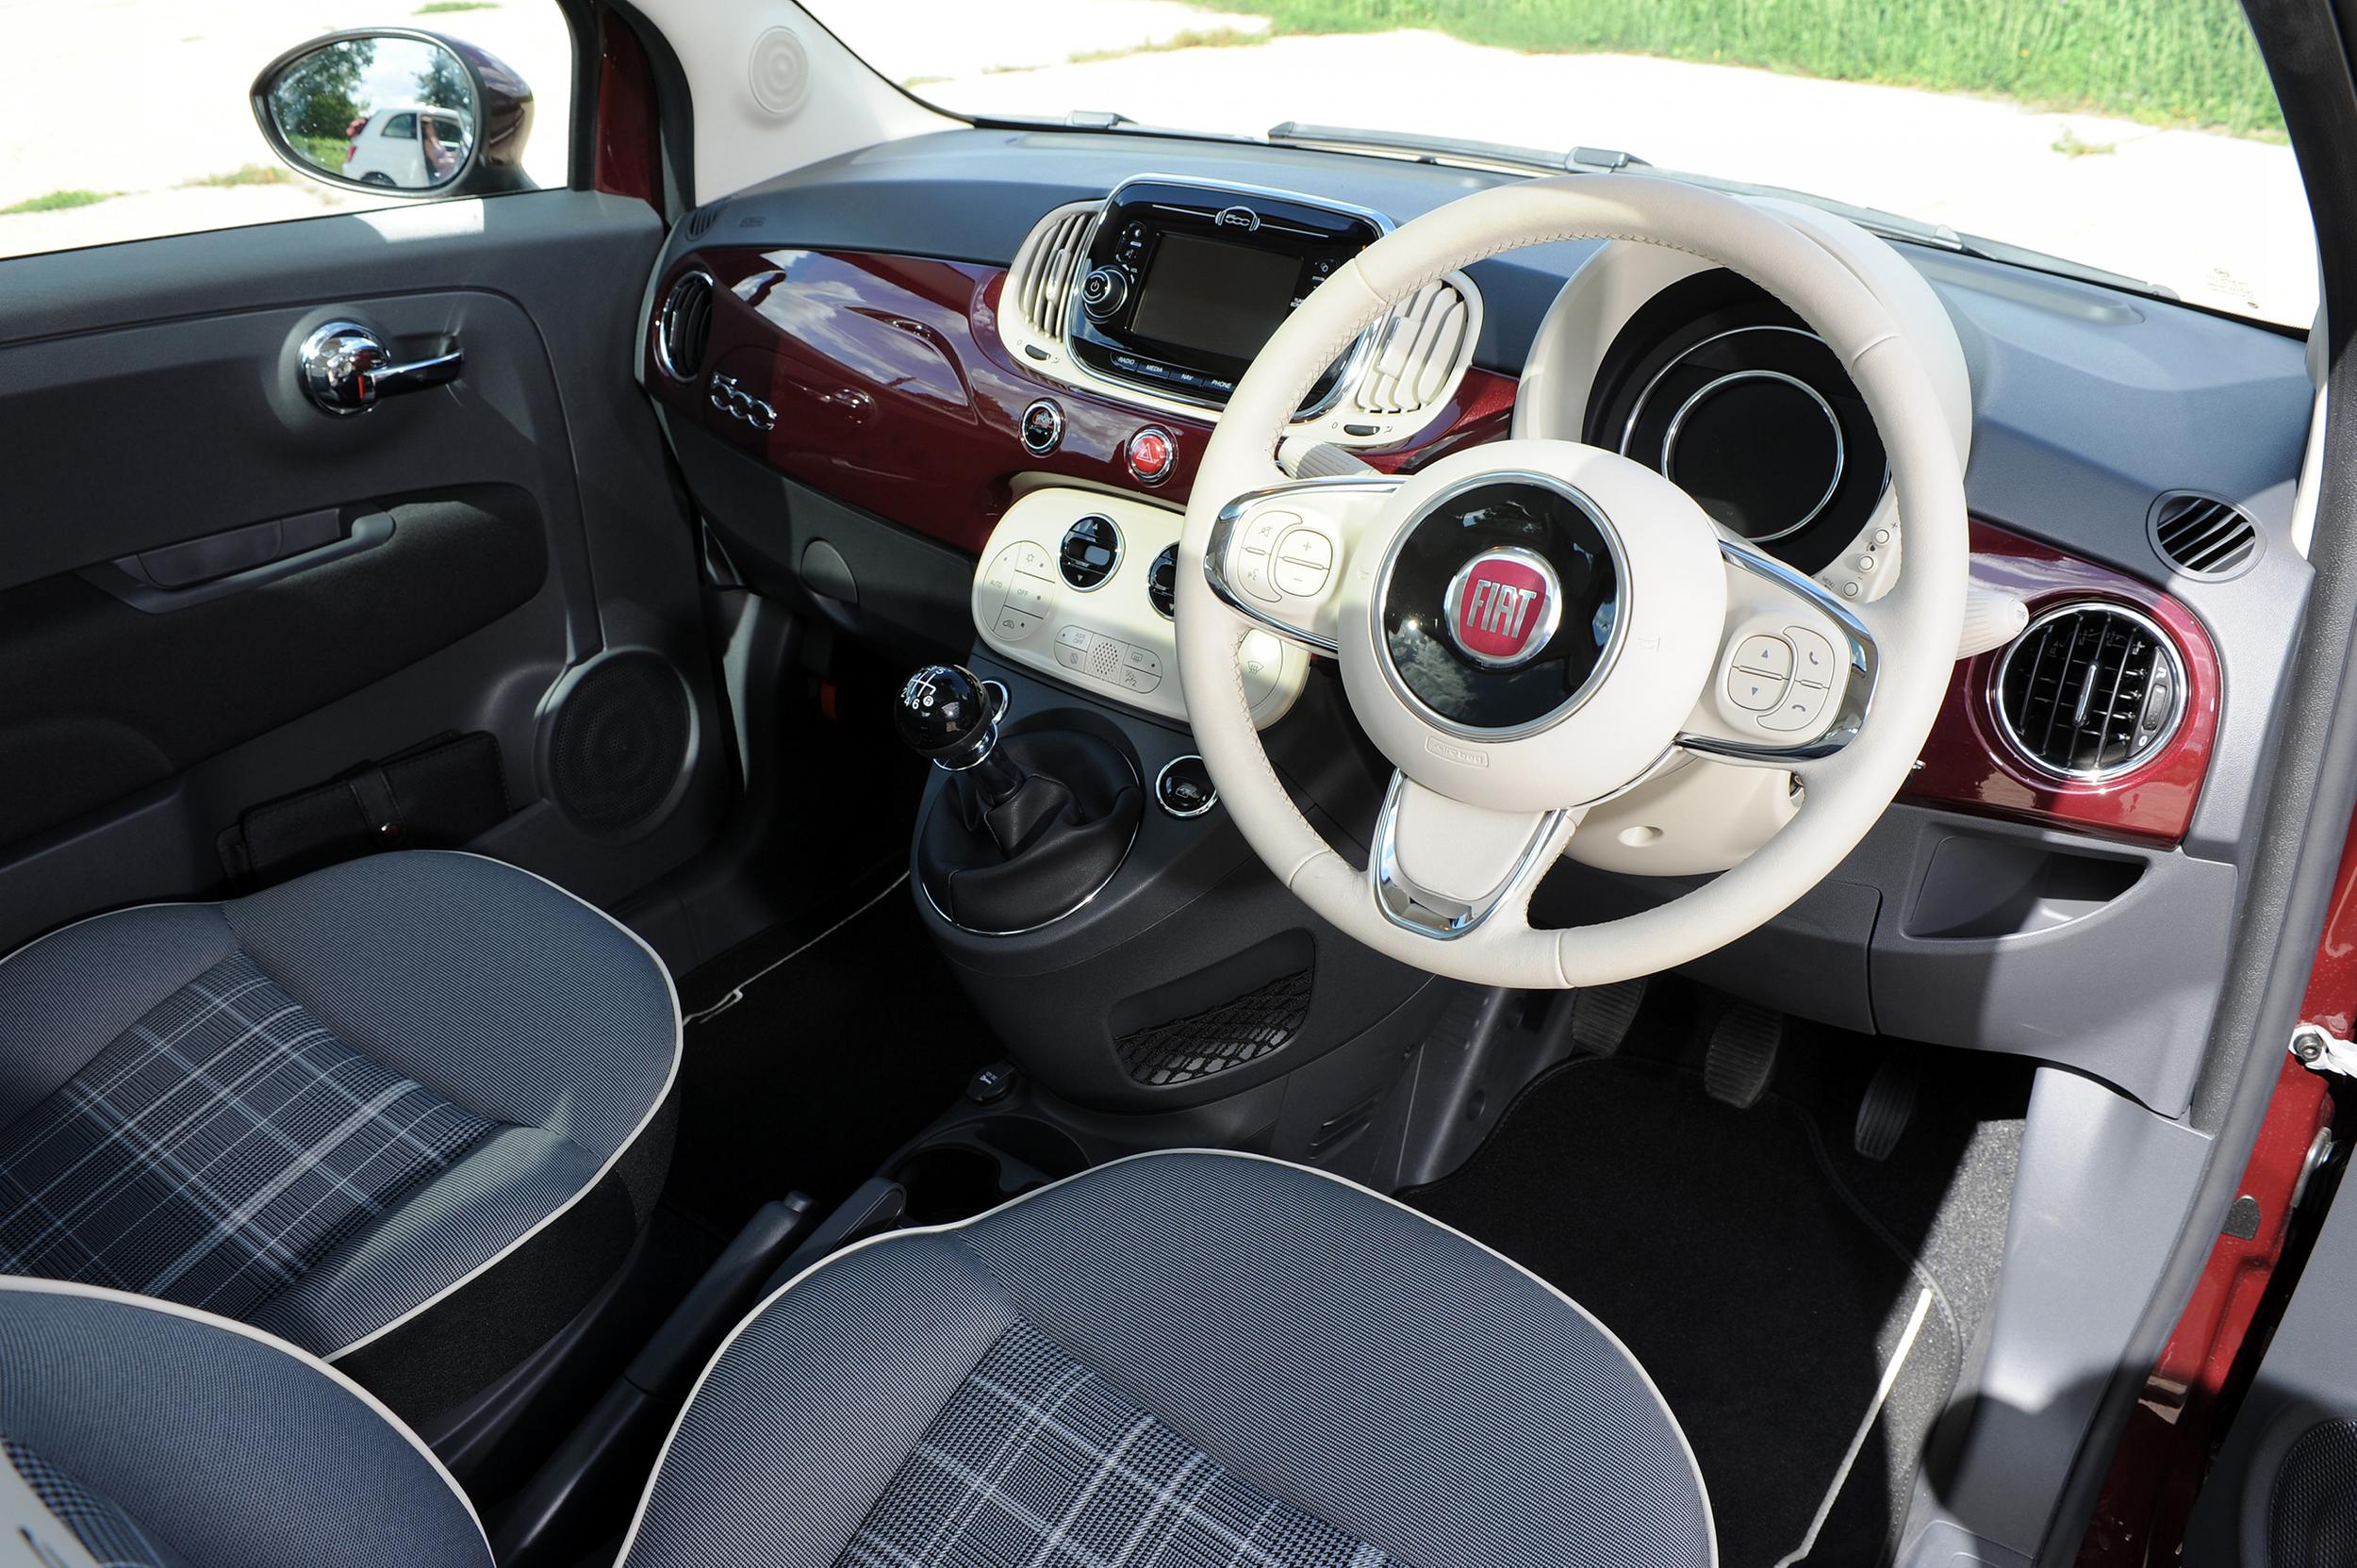 New Fiat 500